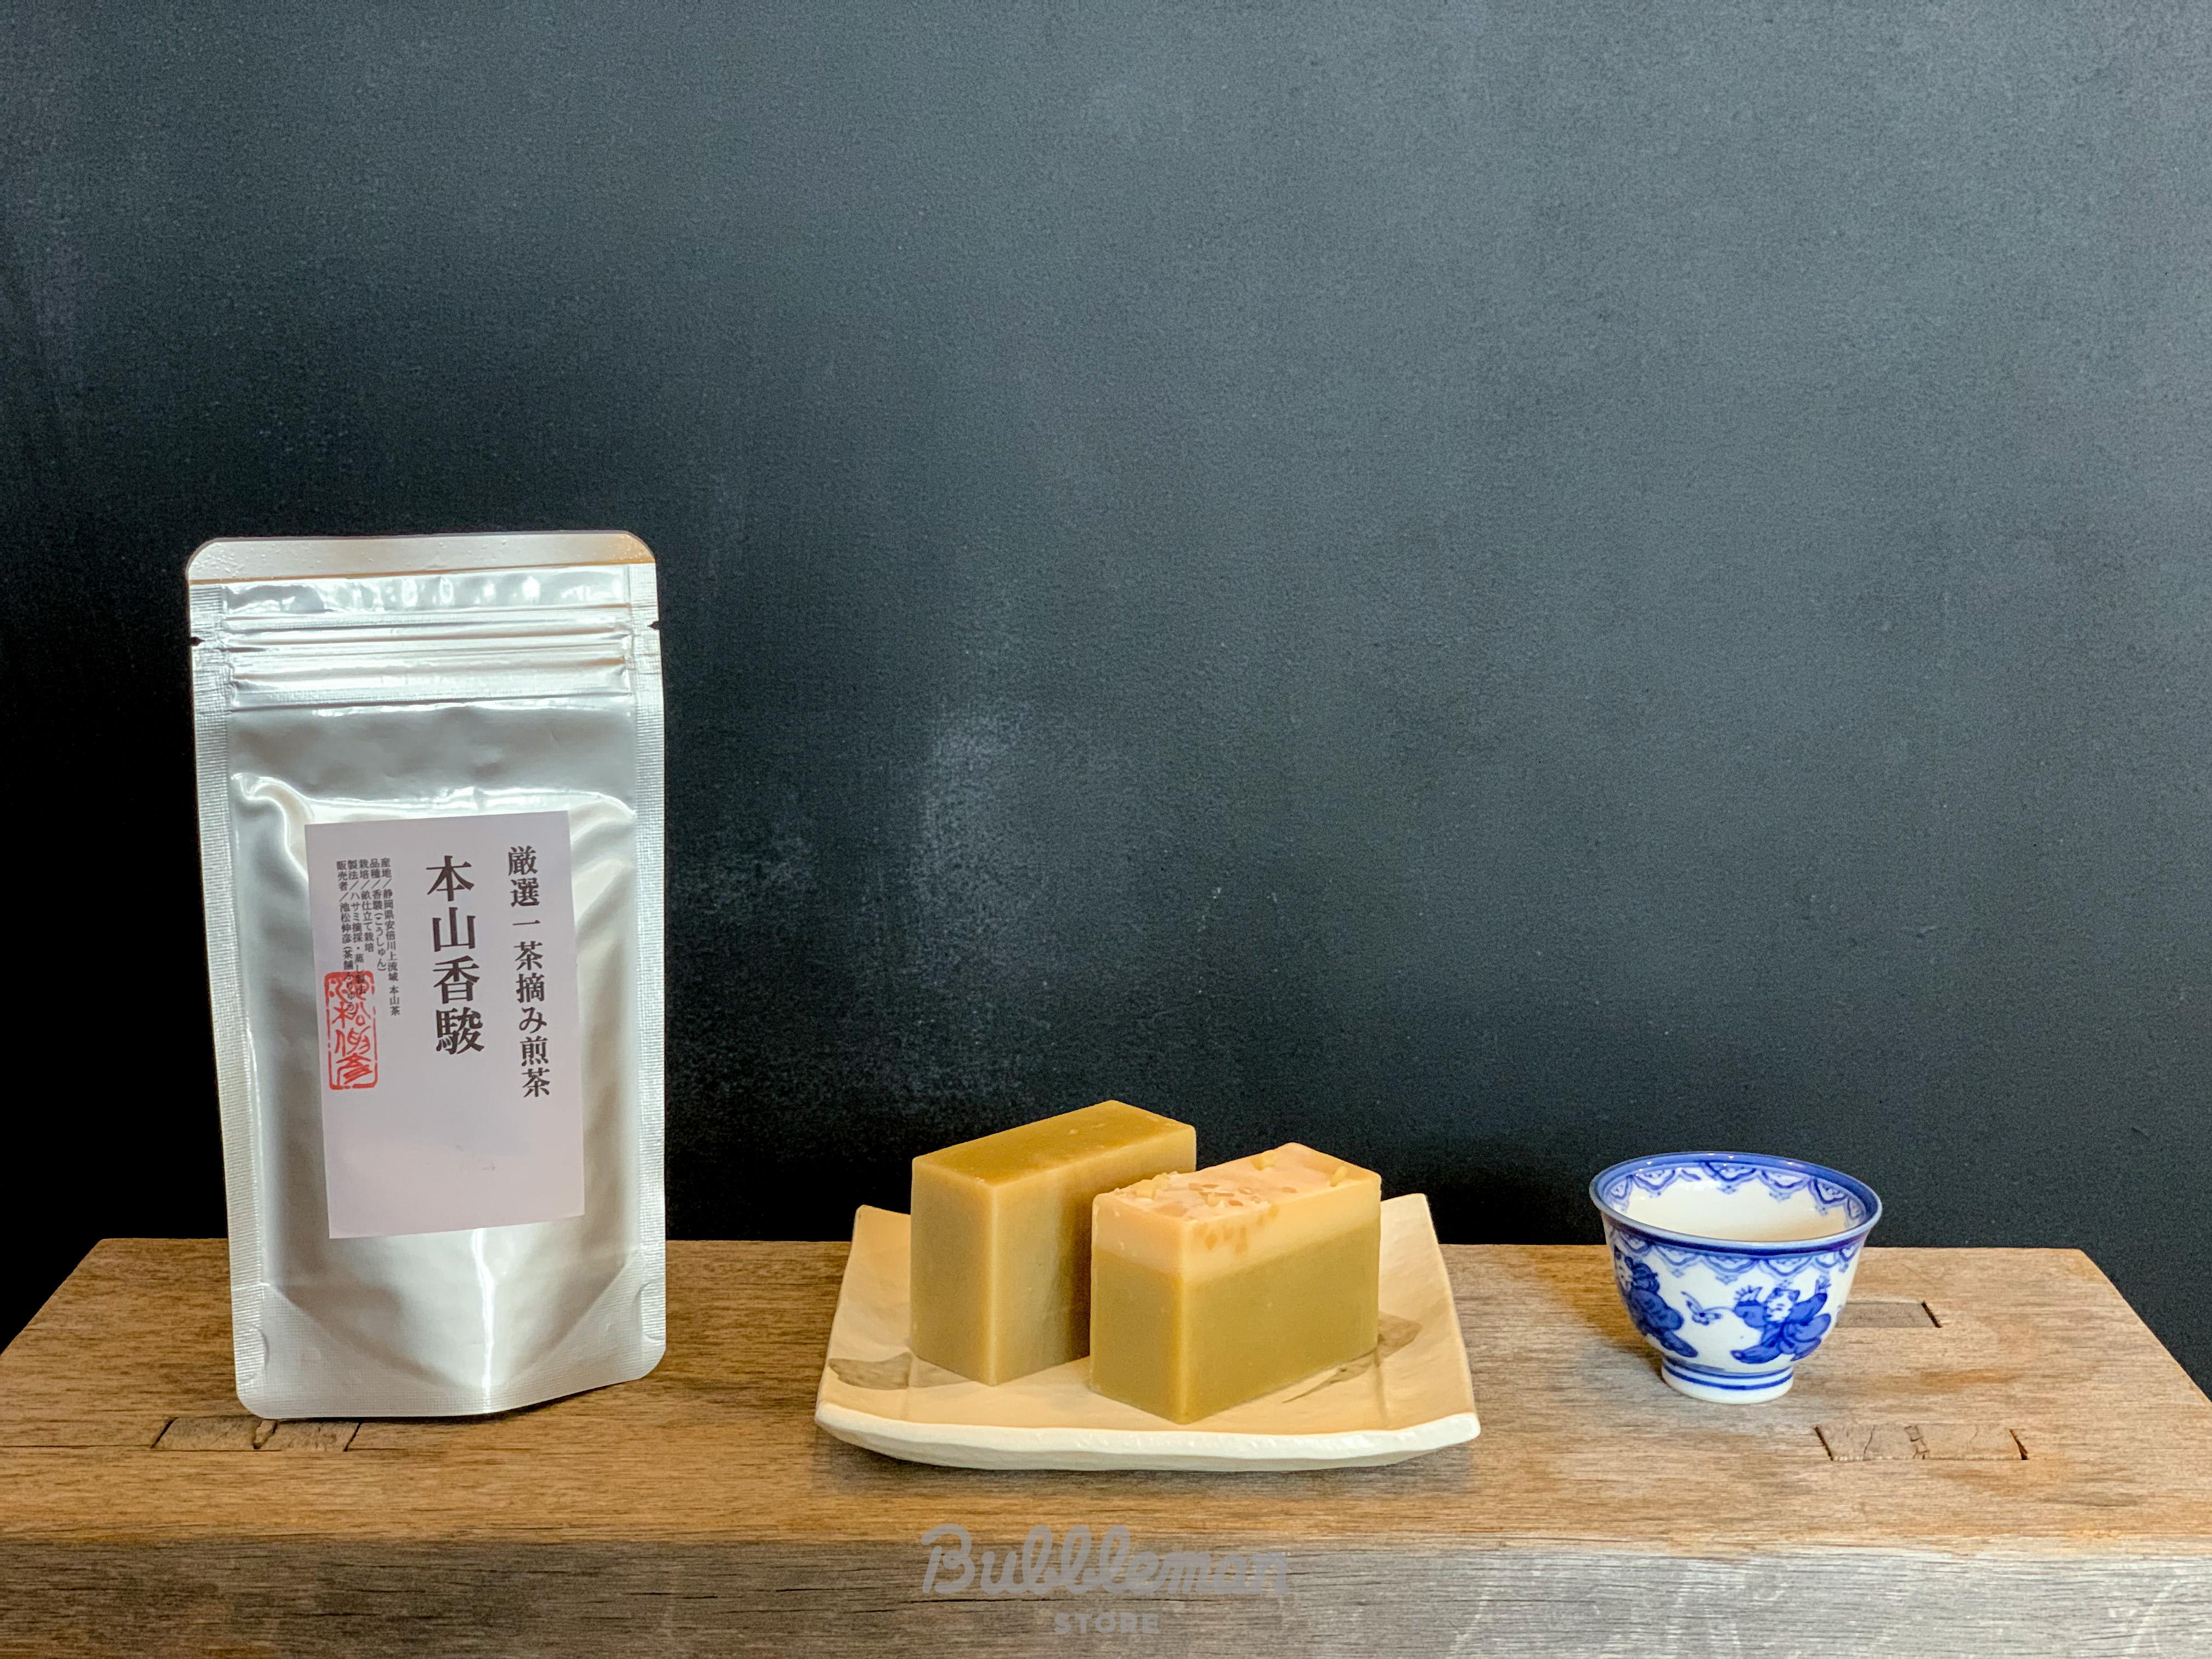 お茶屋さんのお茶で作る手作り石鹸